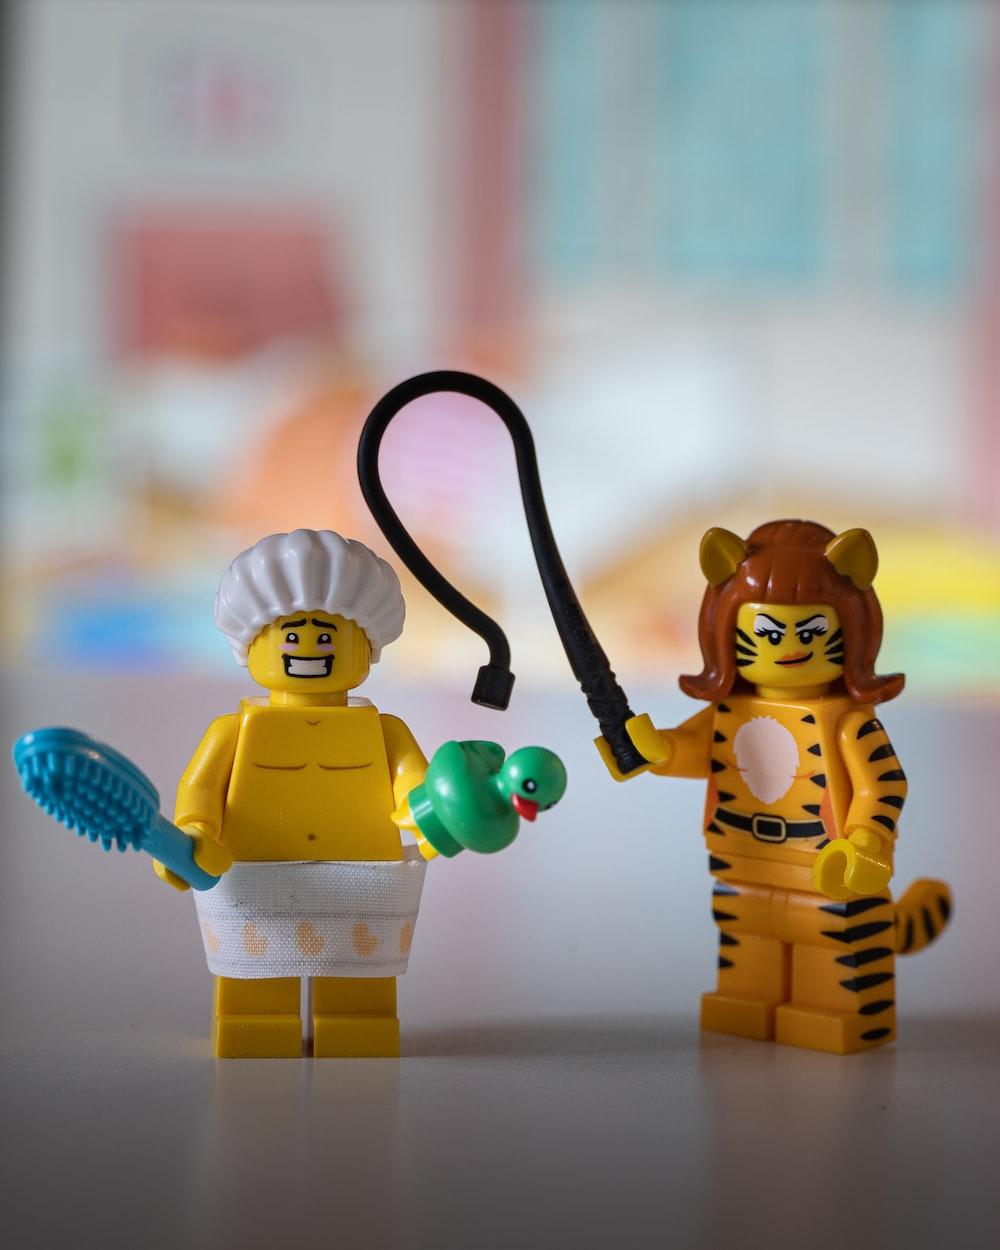 lego minifig holding black hose